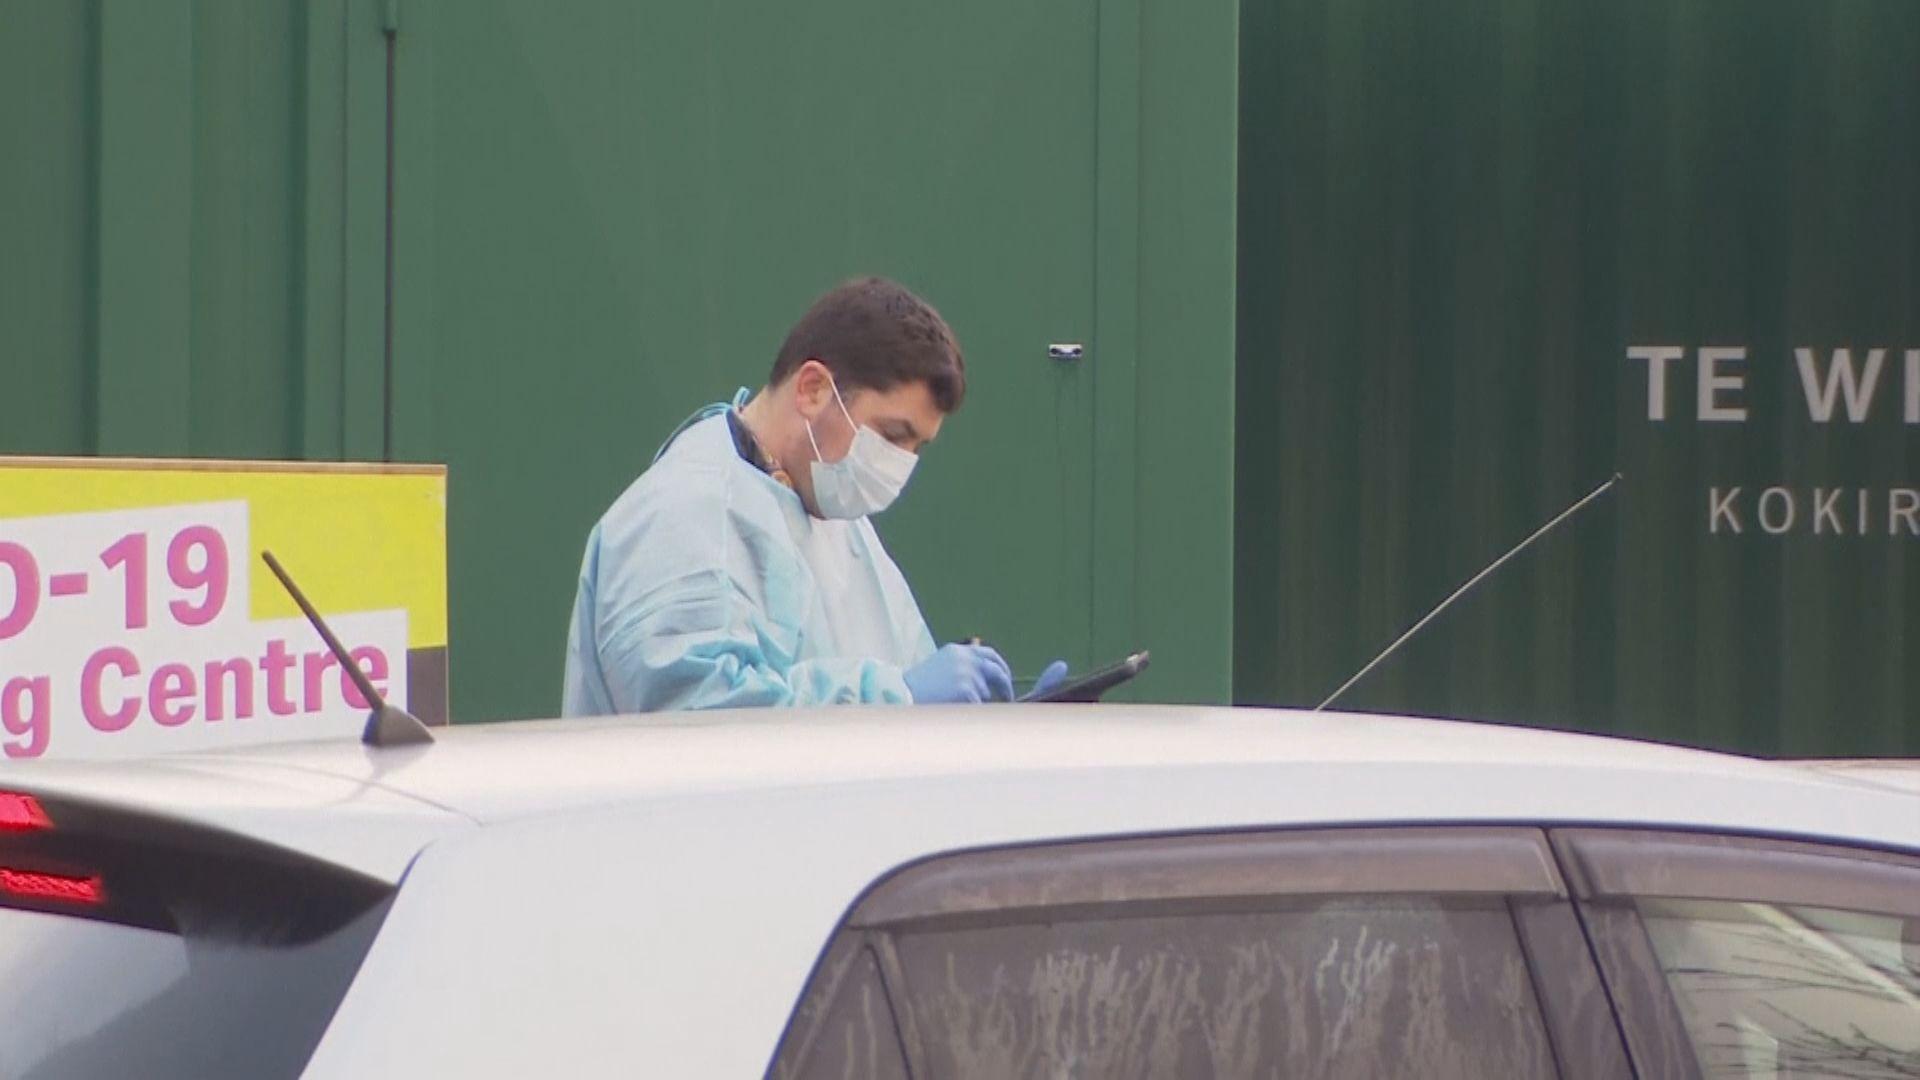 新西蘭增13宗本地確診個案 病毒疑經冷凍貨櫃輸入